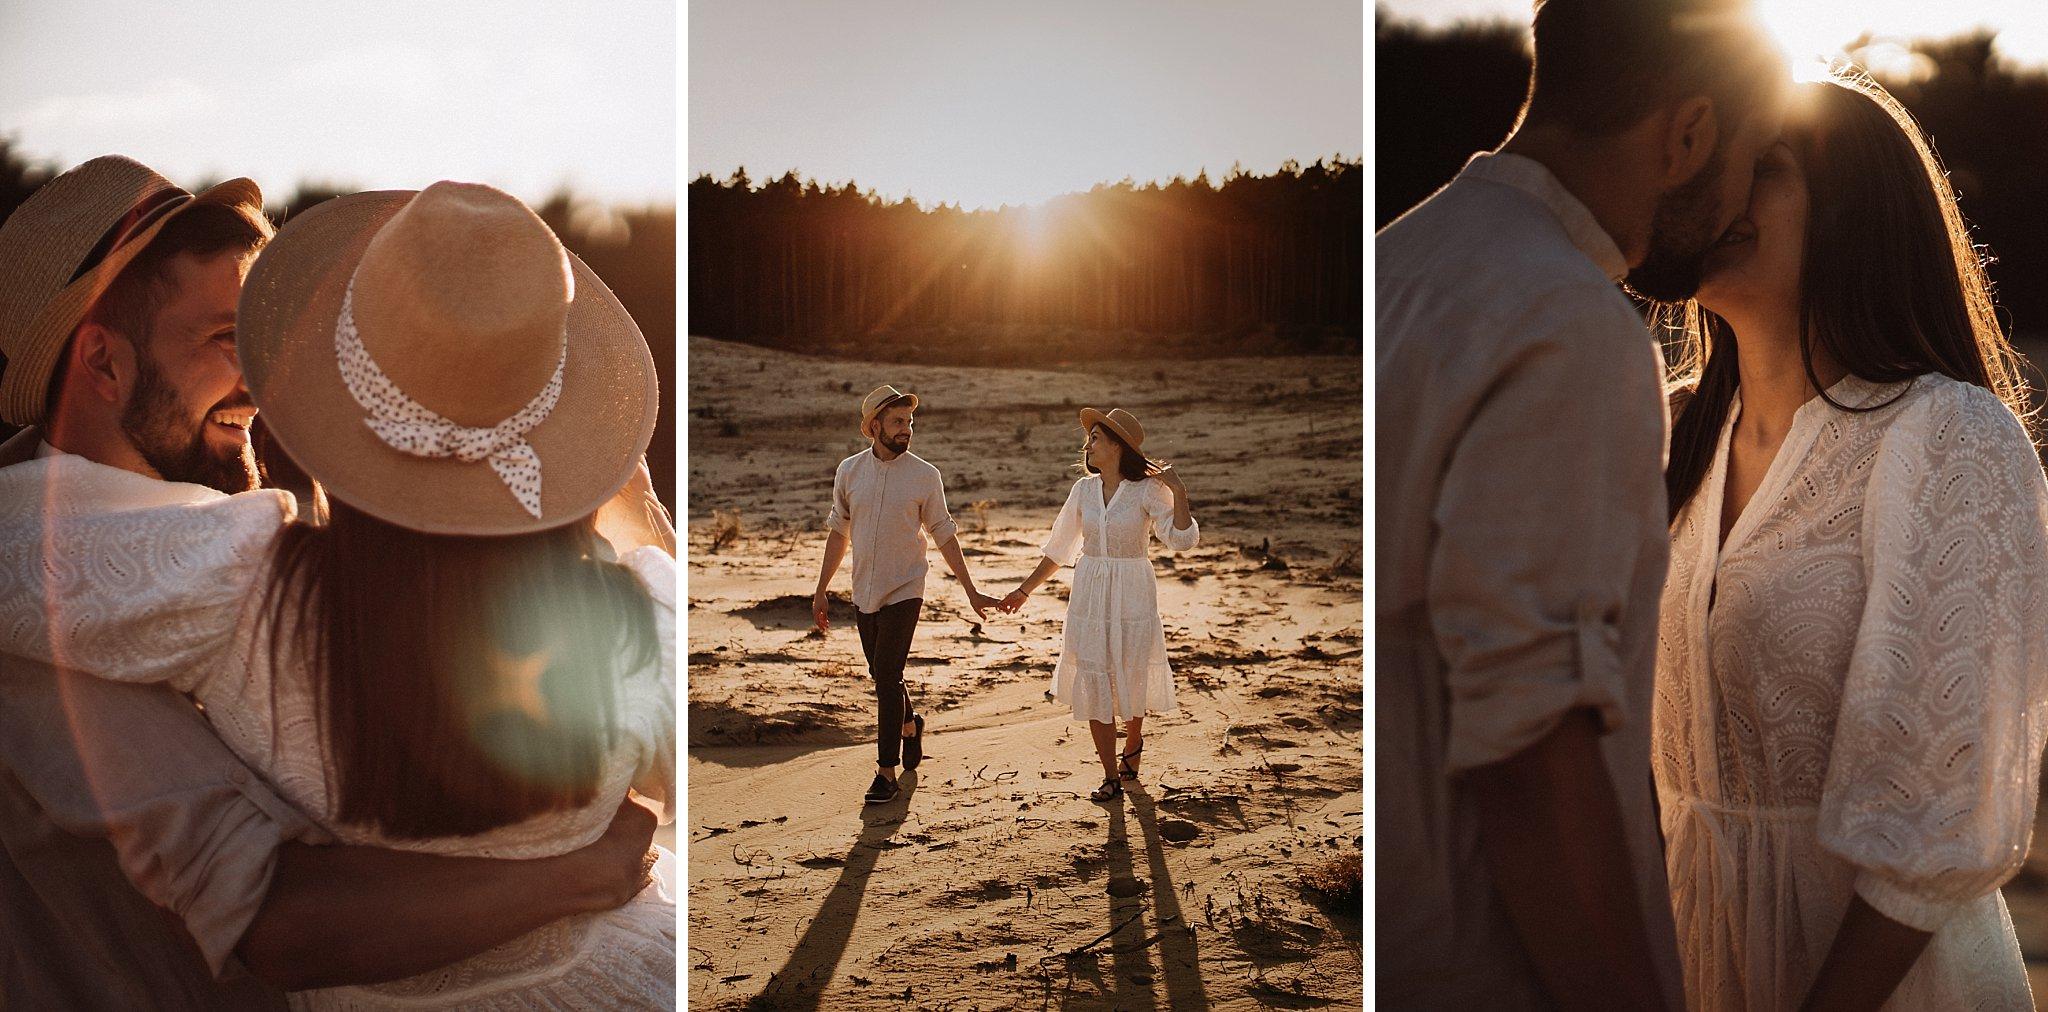 piekna sesja narzeczenska rustykalna romantyczna sesja na pustyni sesja zdjeciowa poznan krugphotography fotograf slubny z poznania fotografia slubna poznan 4600